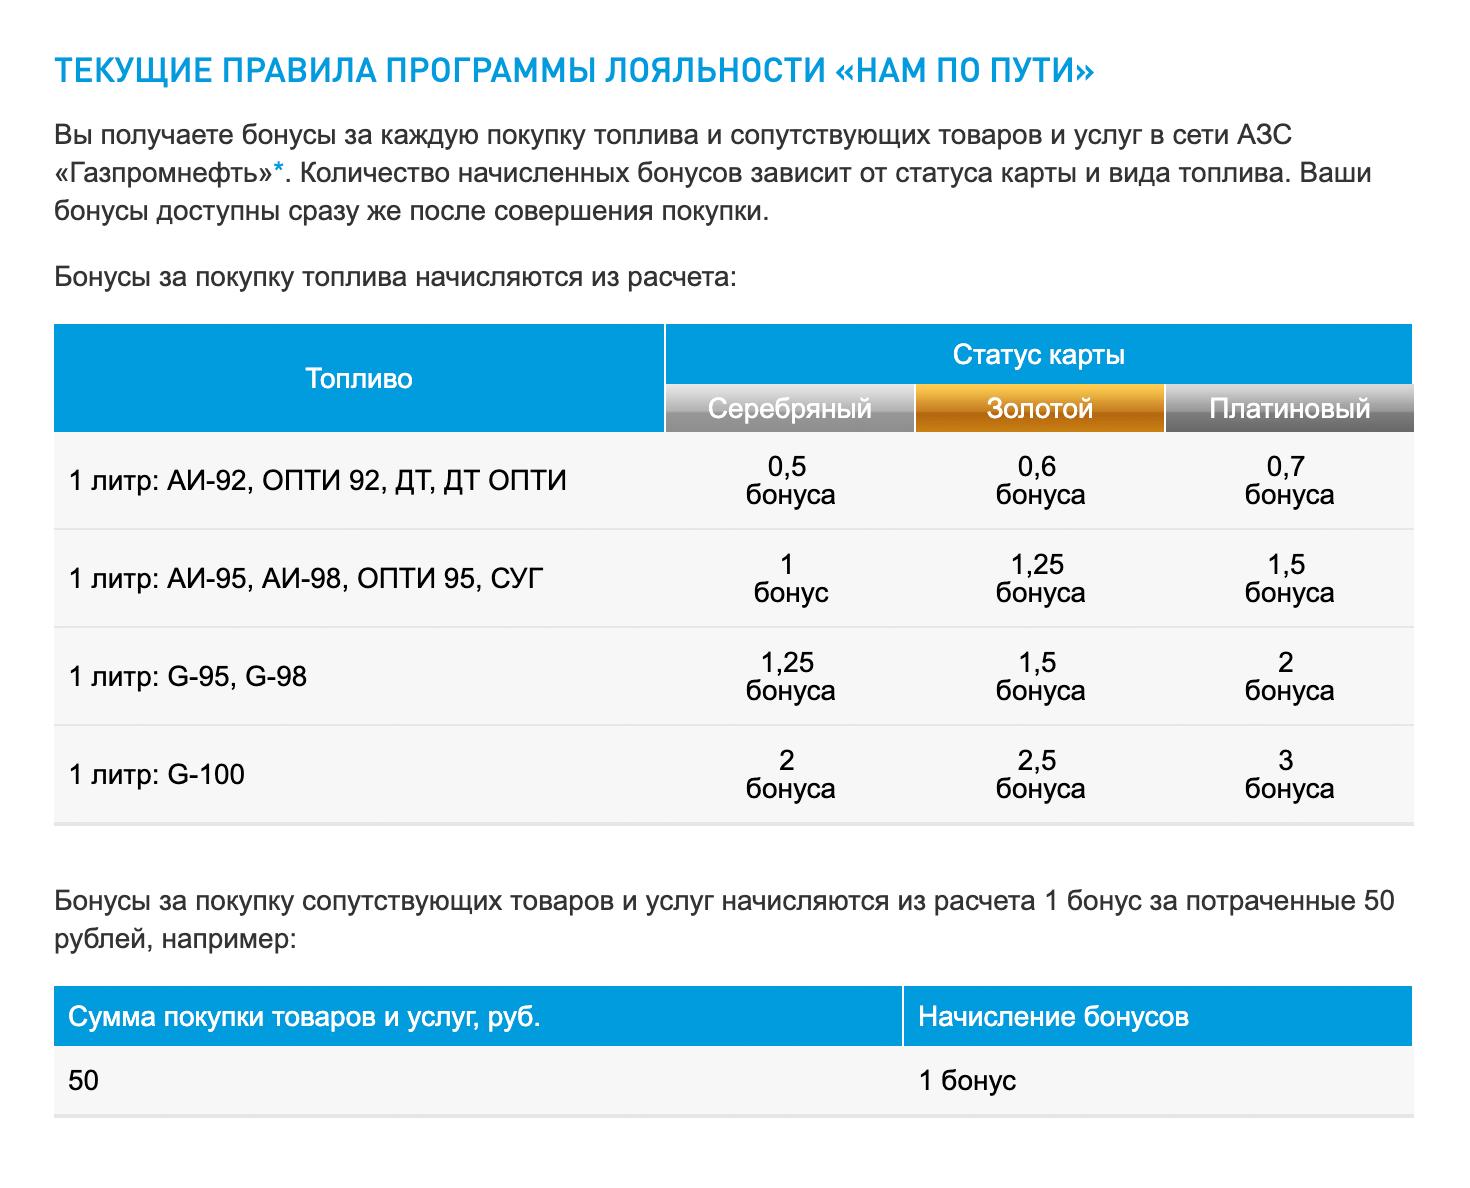 «Газпромнефть» начисляет бонусы в зависимости от статуса карты и вида топлива. Если купить на АЗС любые другие товары, кроме бензина, то за каждые потраченные 50<span class=ruble>Р</span> начислят 1 бонус